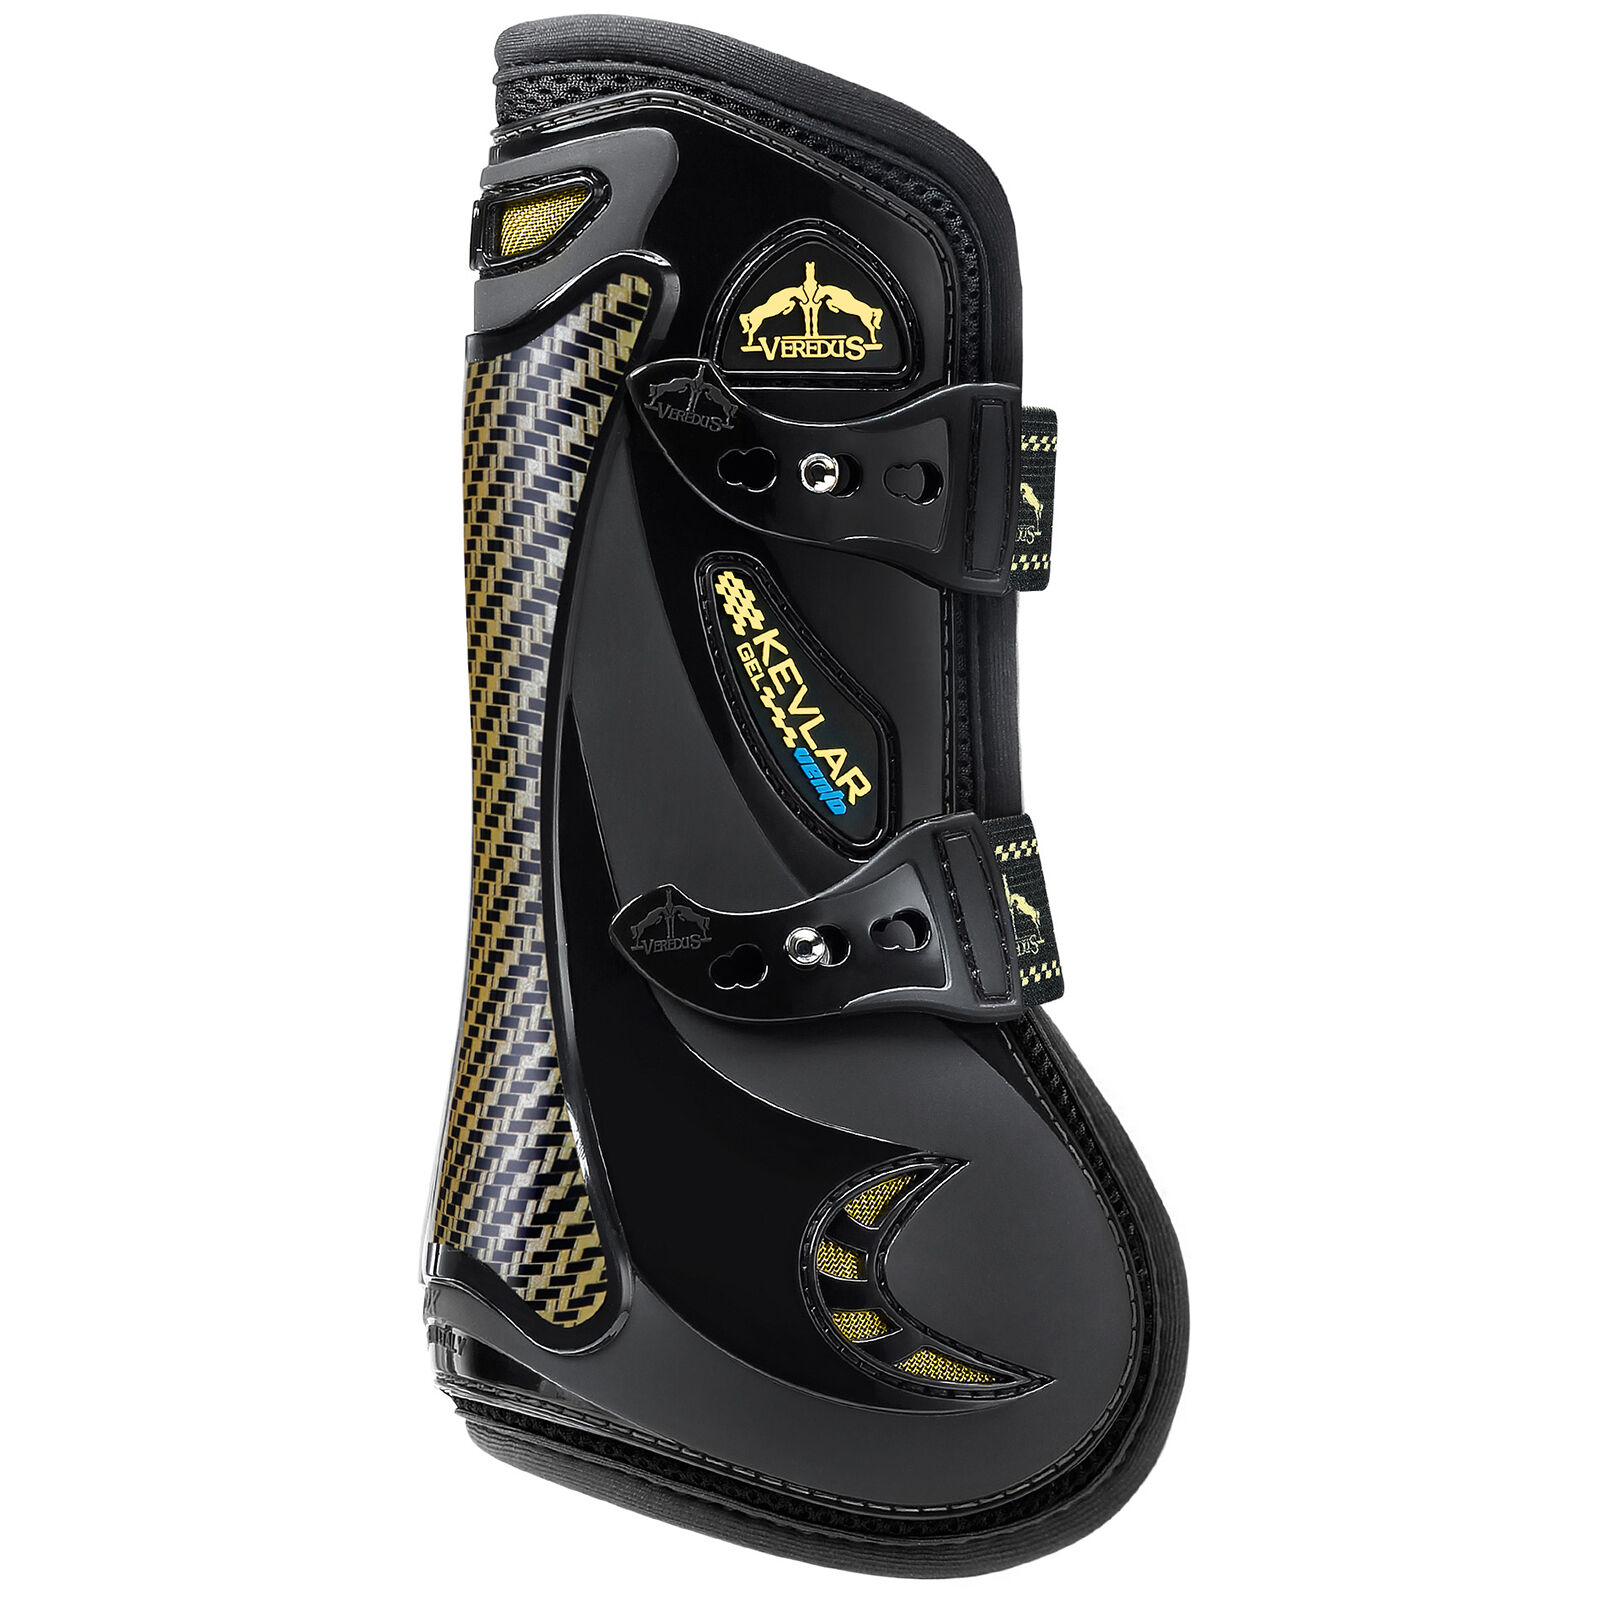 Veredus Carbon Gel Vento professionnel de Boulet de bottes avec Kevlar ® Protection NOUVEAU